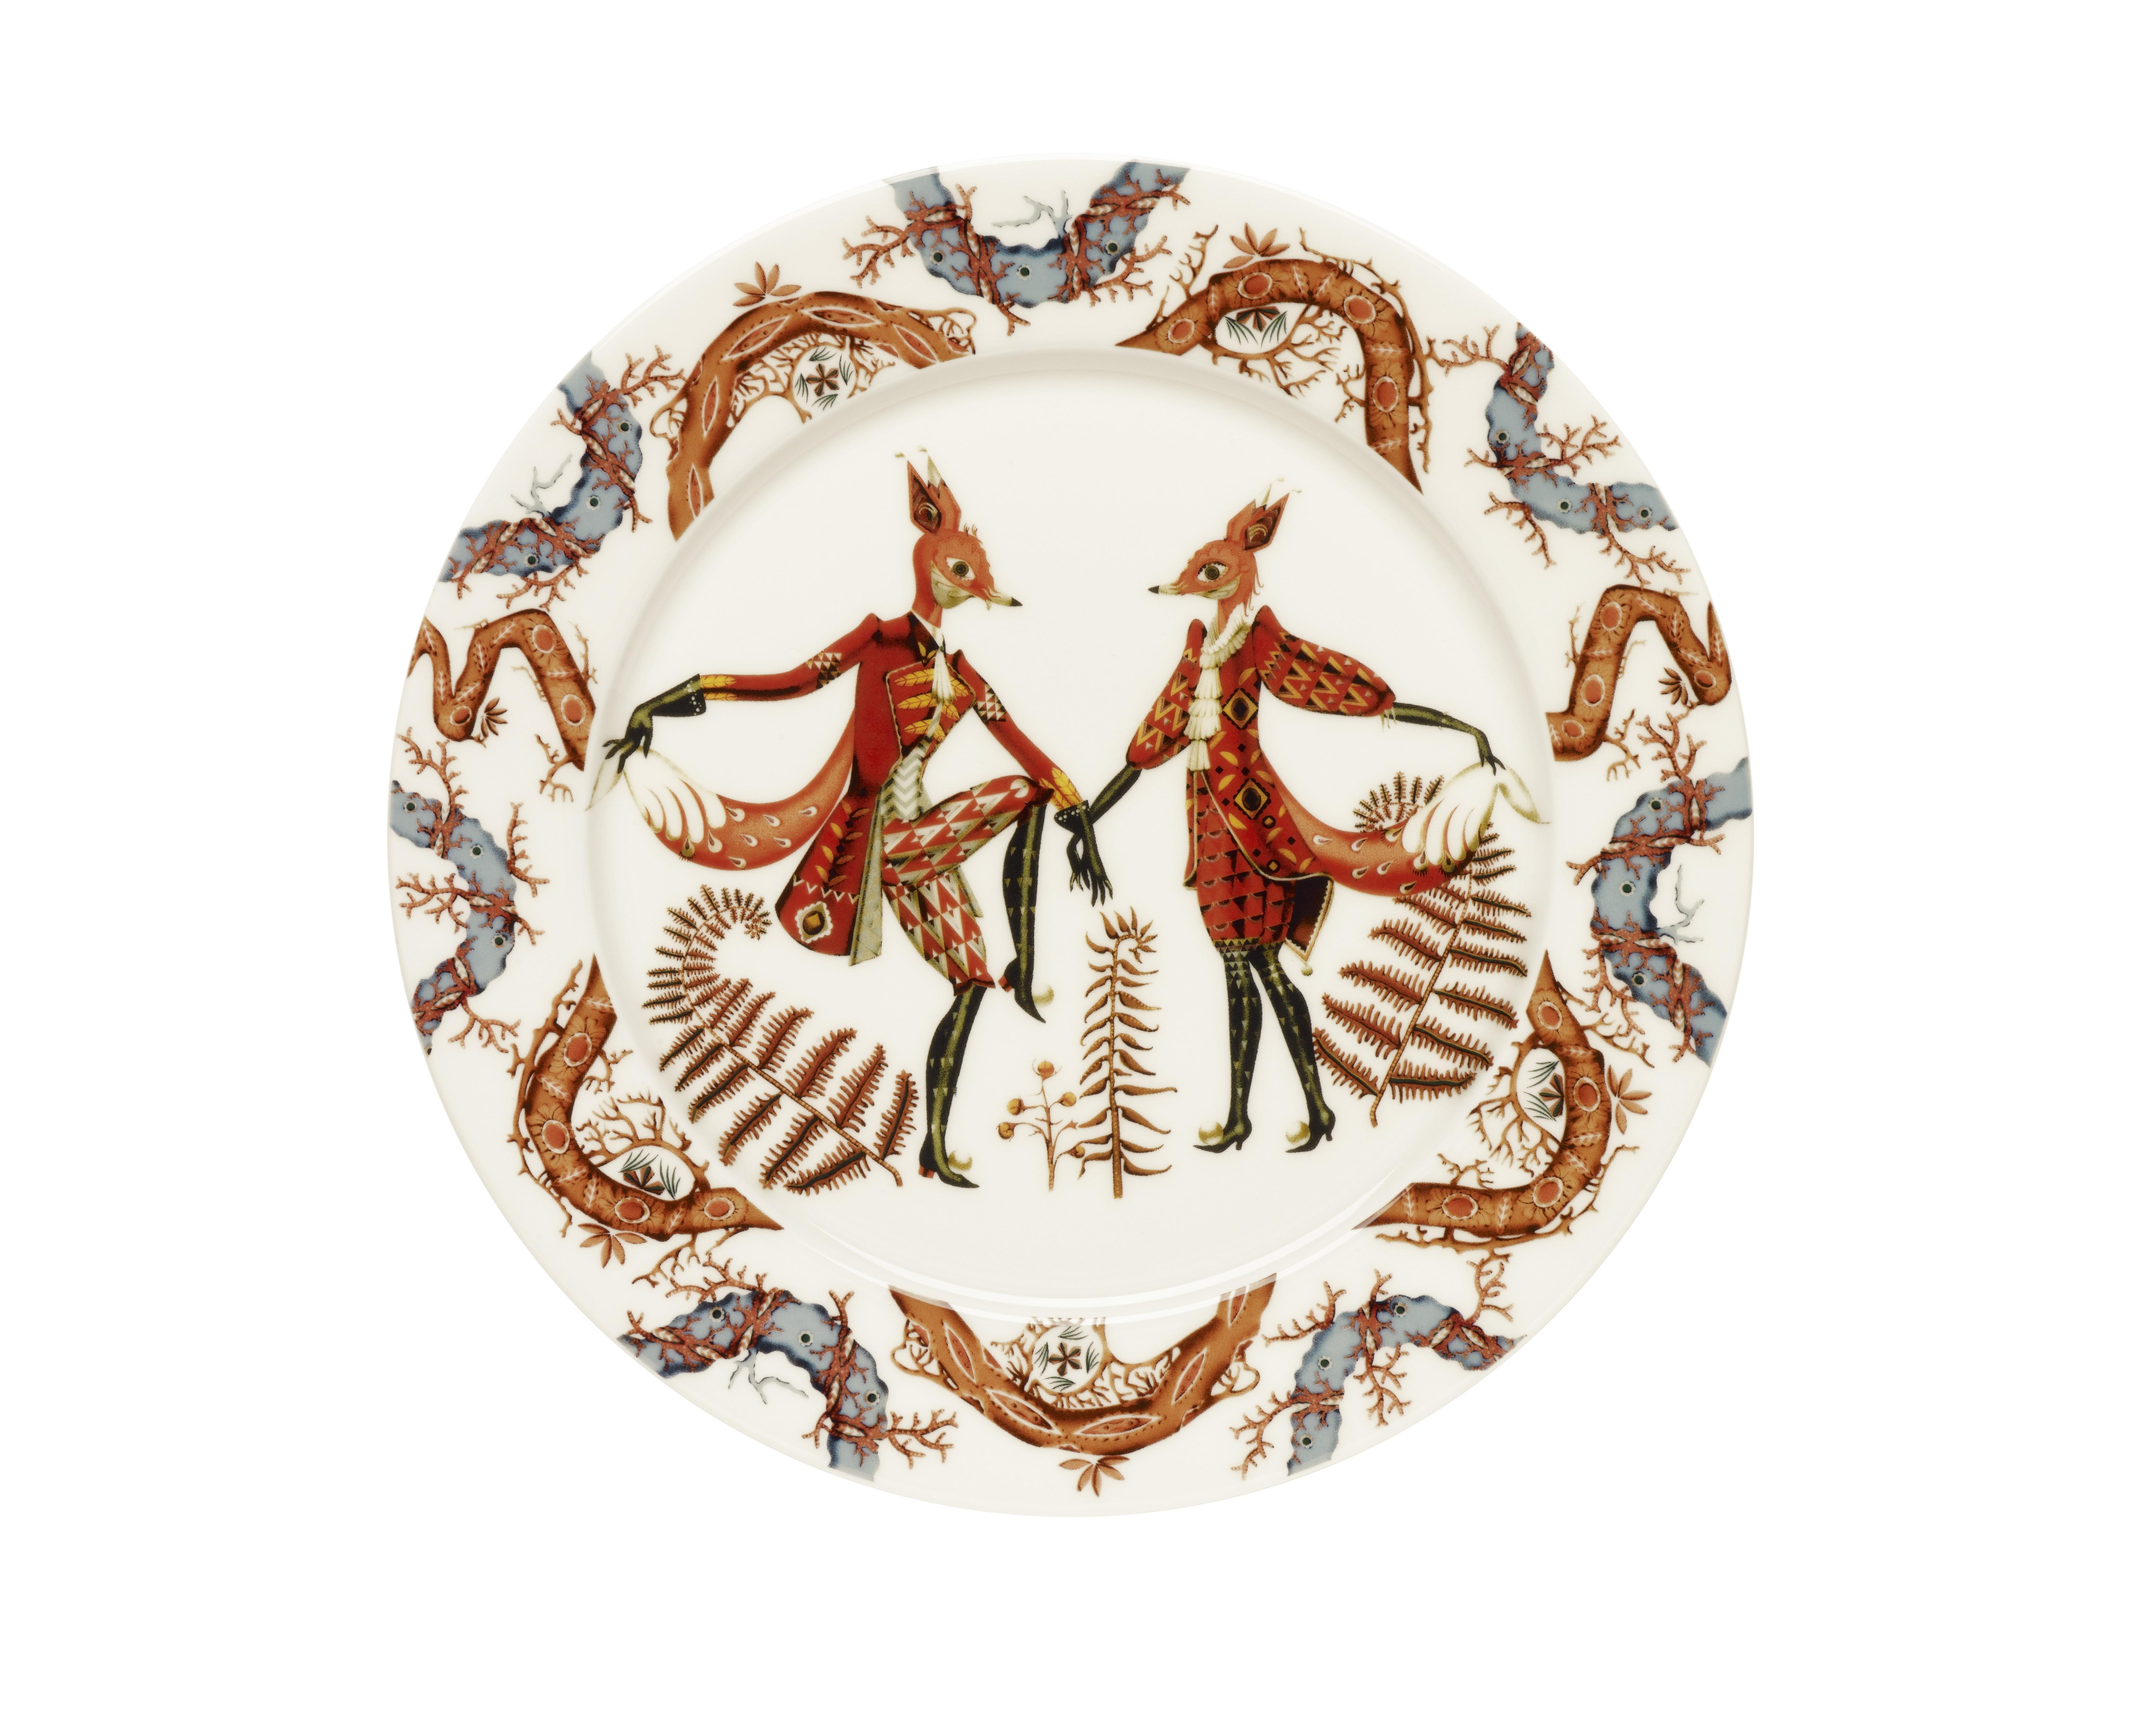 Тарелка TanssiТарелки<br>Tanssi, что означает «танец» на финском языке - это новая коллекция, которую создал знаменитый финиский дизайнер и иллюстратор Klaus Haapaniemi. Klaus вводит мифологию в повседневную посуду, которая станет прекрасным дополнением к любой коллекции Iittala.<br><br>Material: Фарфор<br>Length см: None<br>Width см: None<br>Depth см: None<br>Height см: 1<br>Diameter см: 27,2